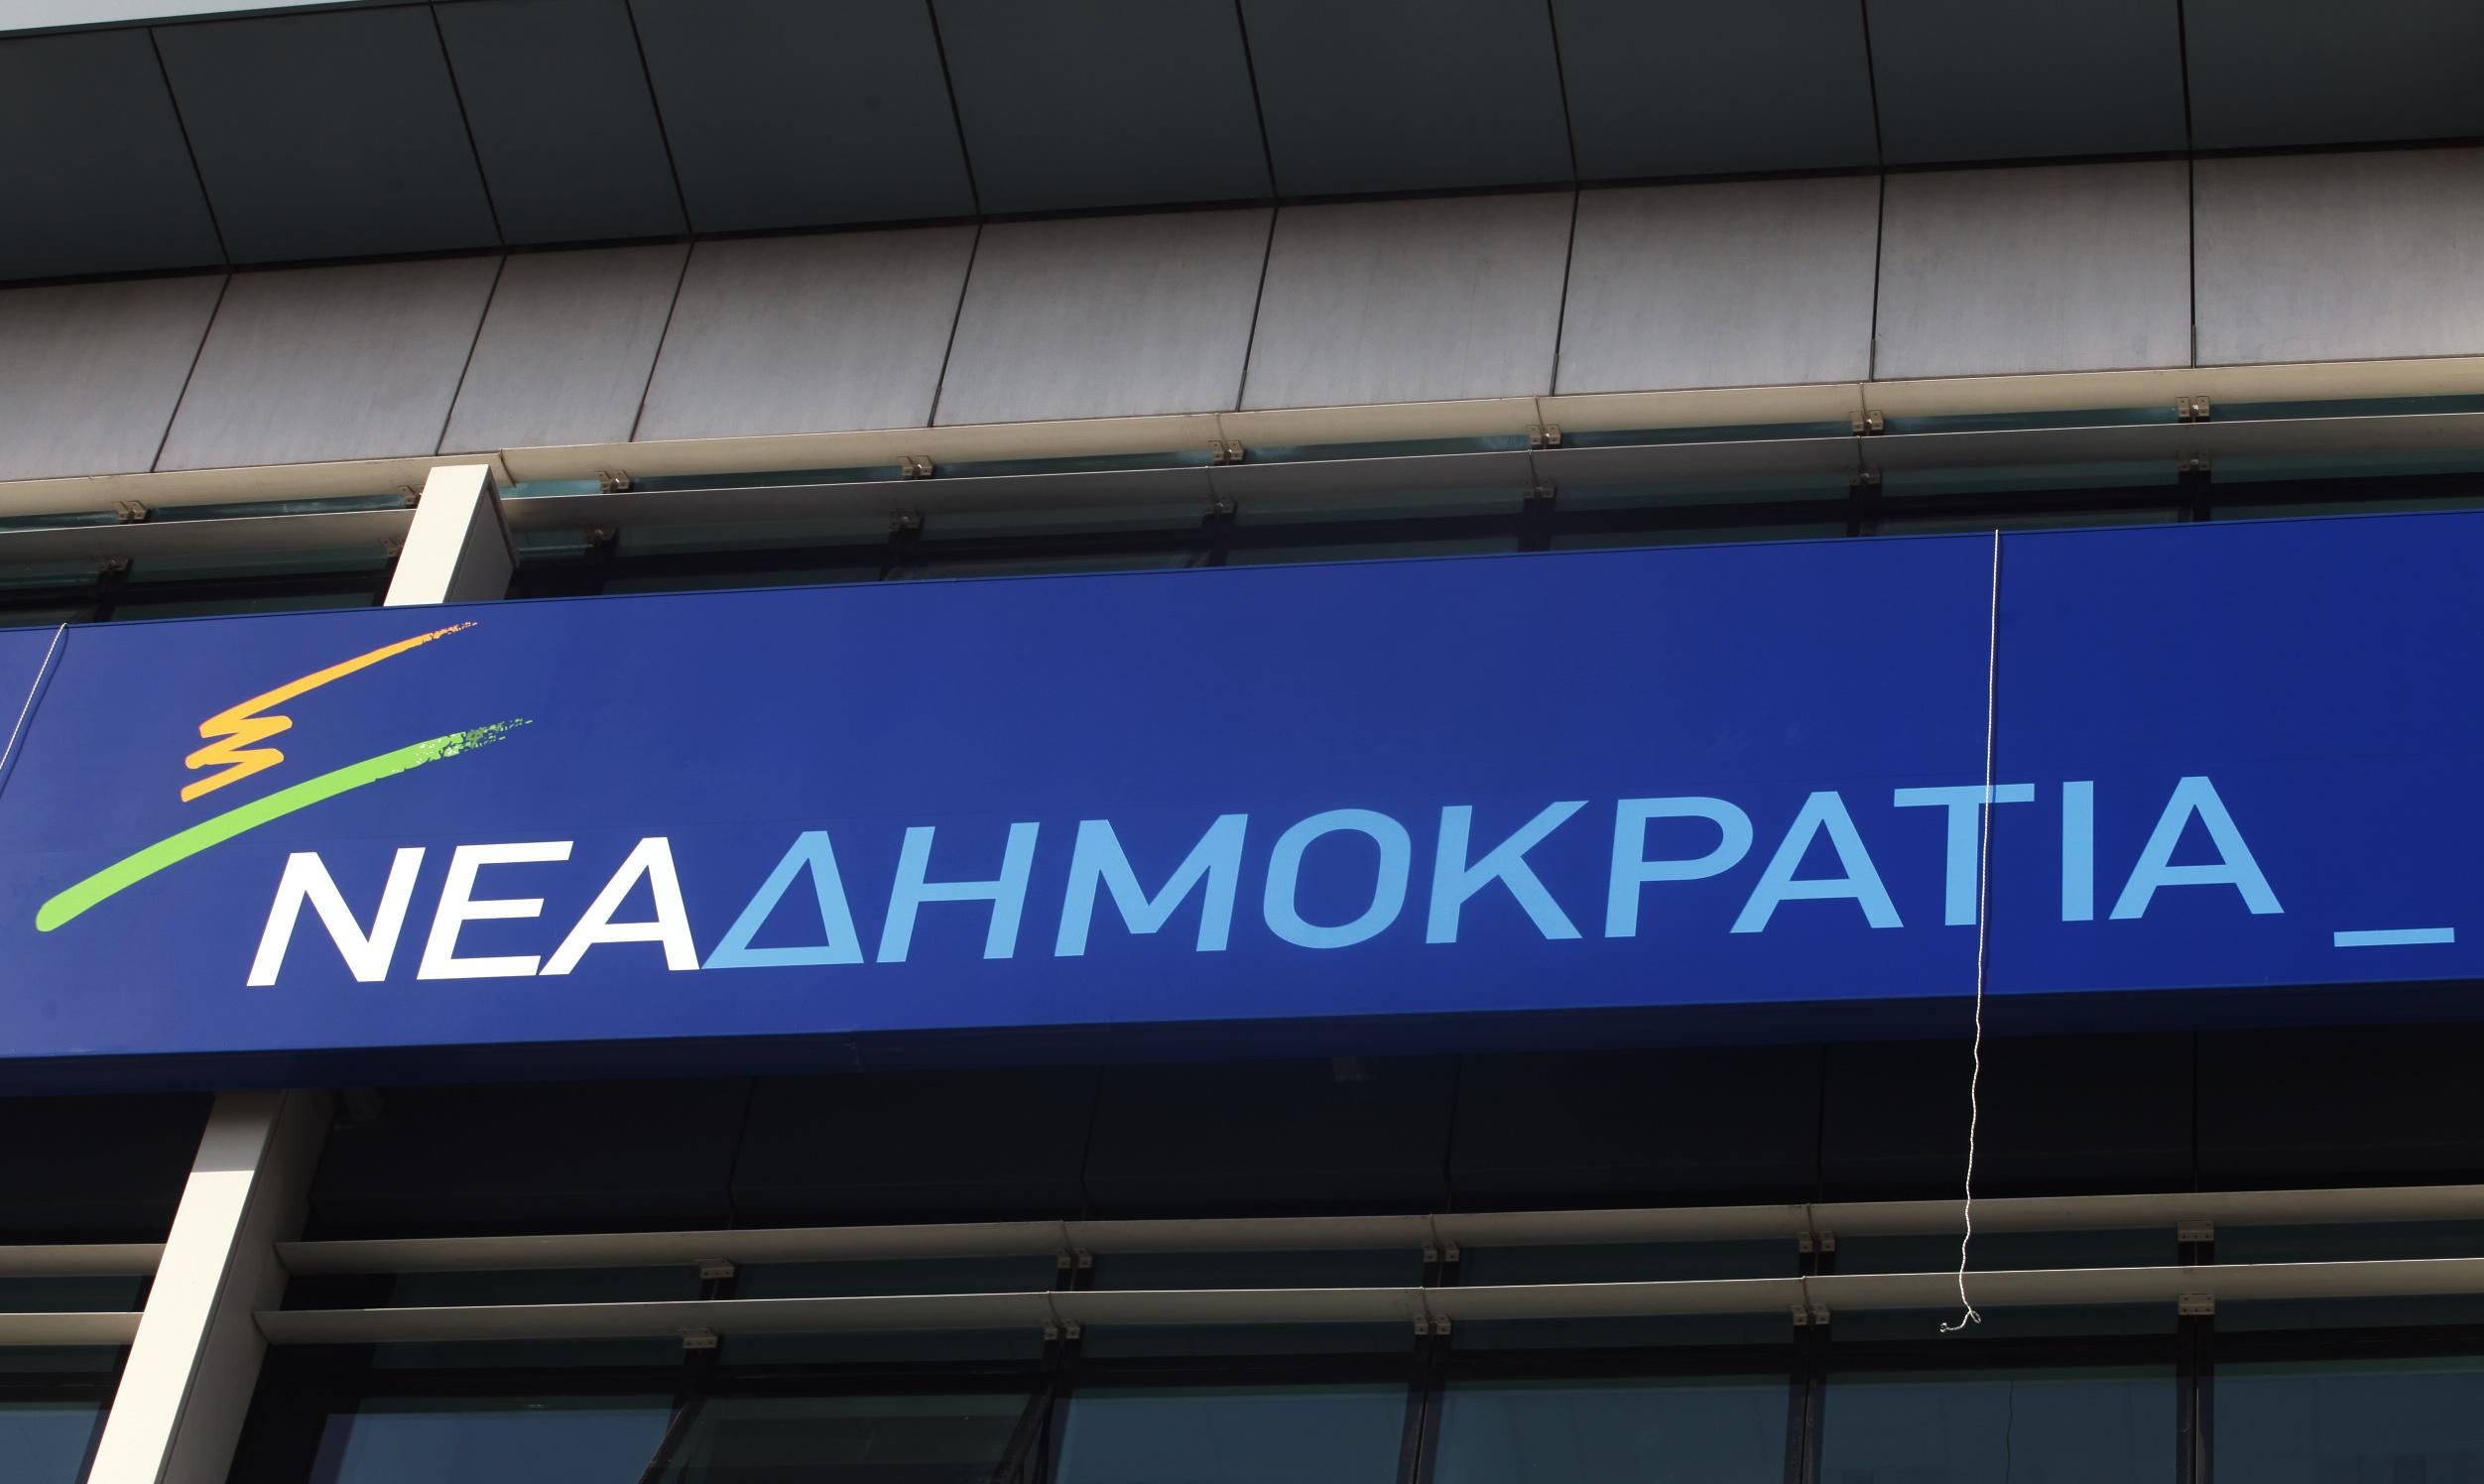 Νέα Δημοκρατία: Μάχες για γερά νεύρα και με όλα τα μέσα στην κούρσα διαδοχής   tovima.gr